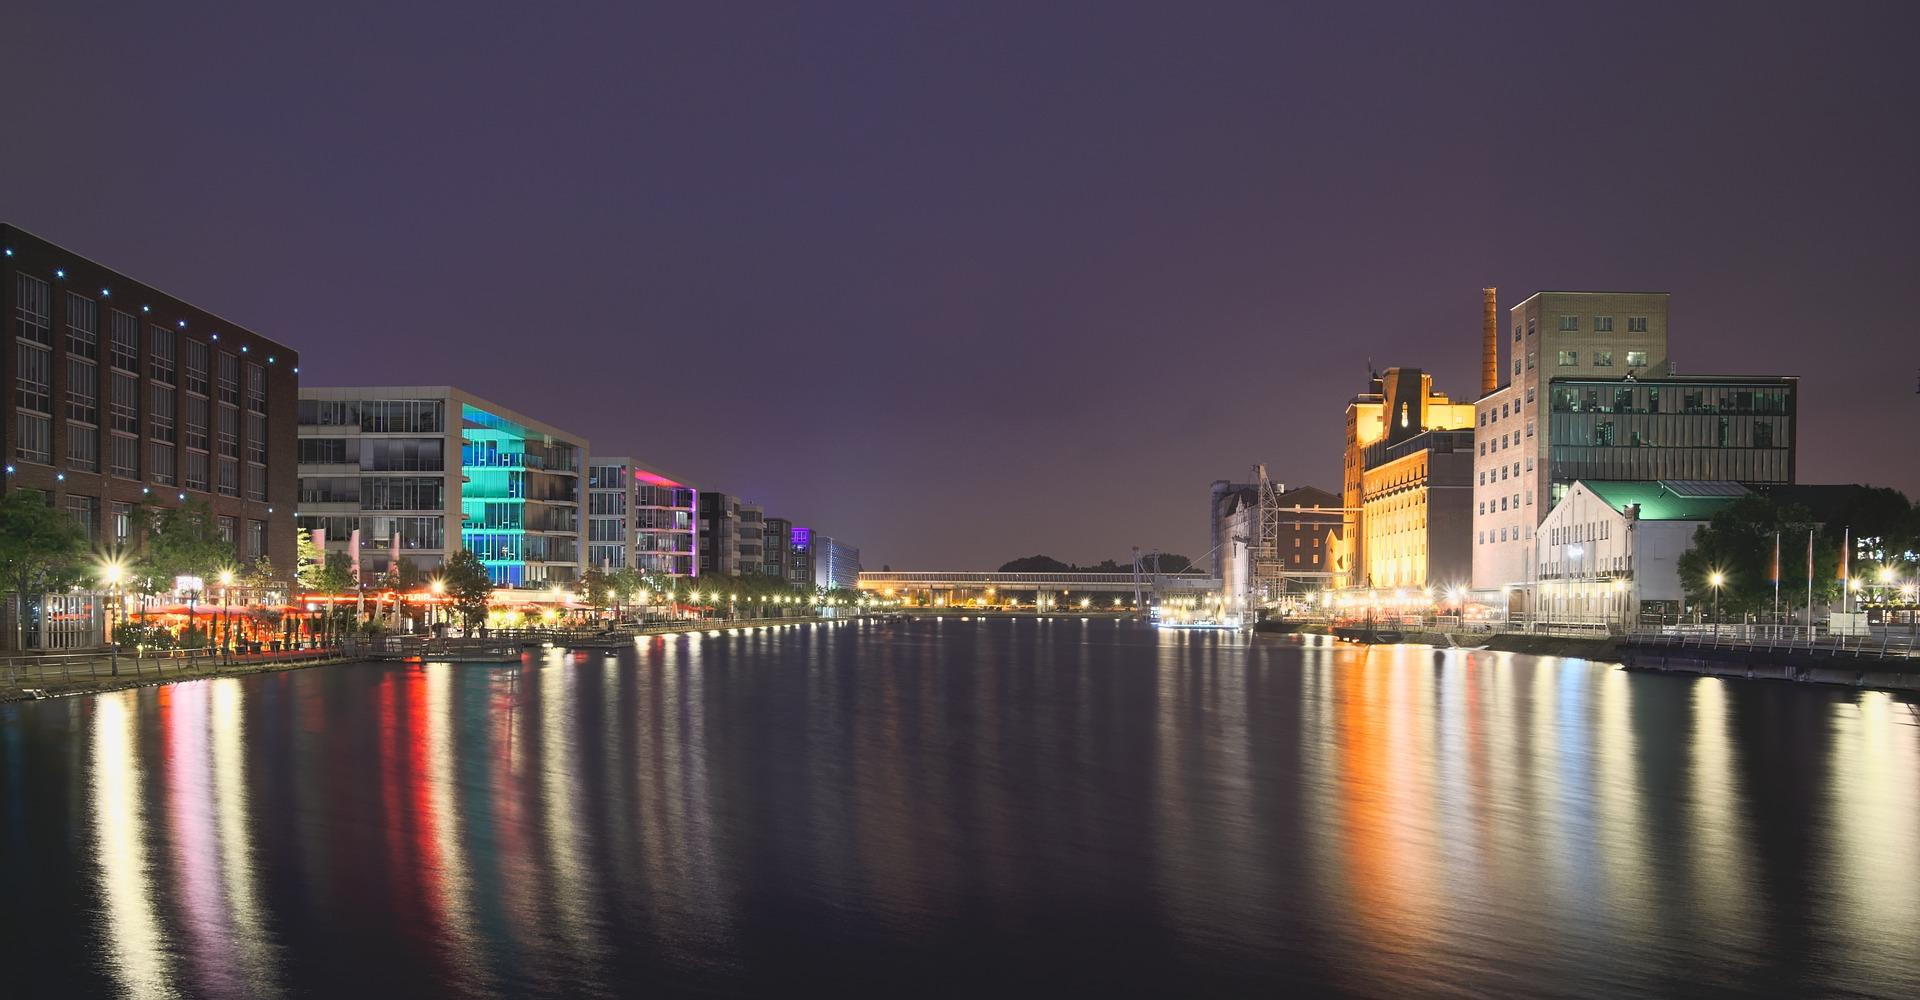 Bild von der Stadt Duisburg bei Nacht mit spiegelnden Lichtern im Wasser